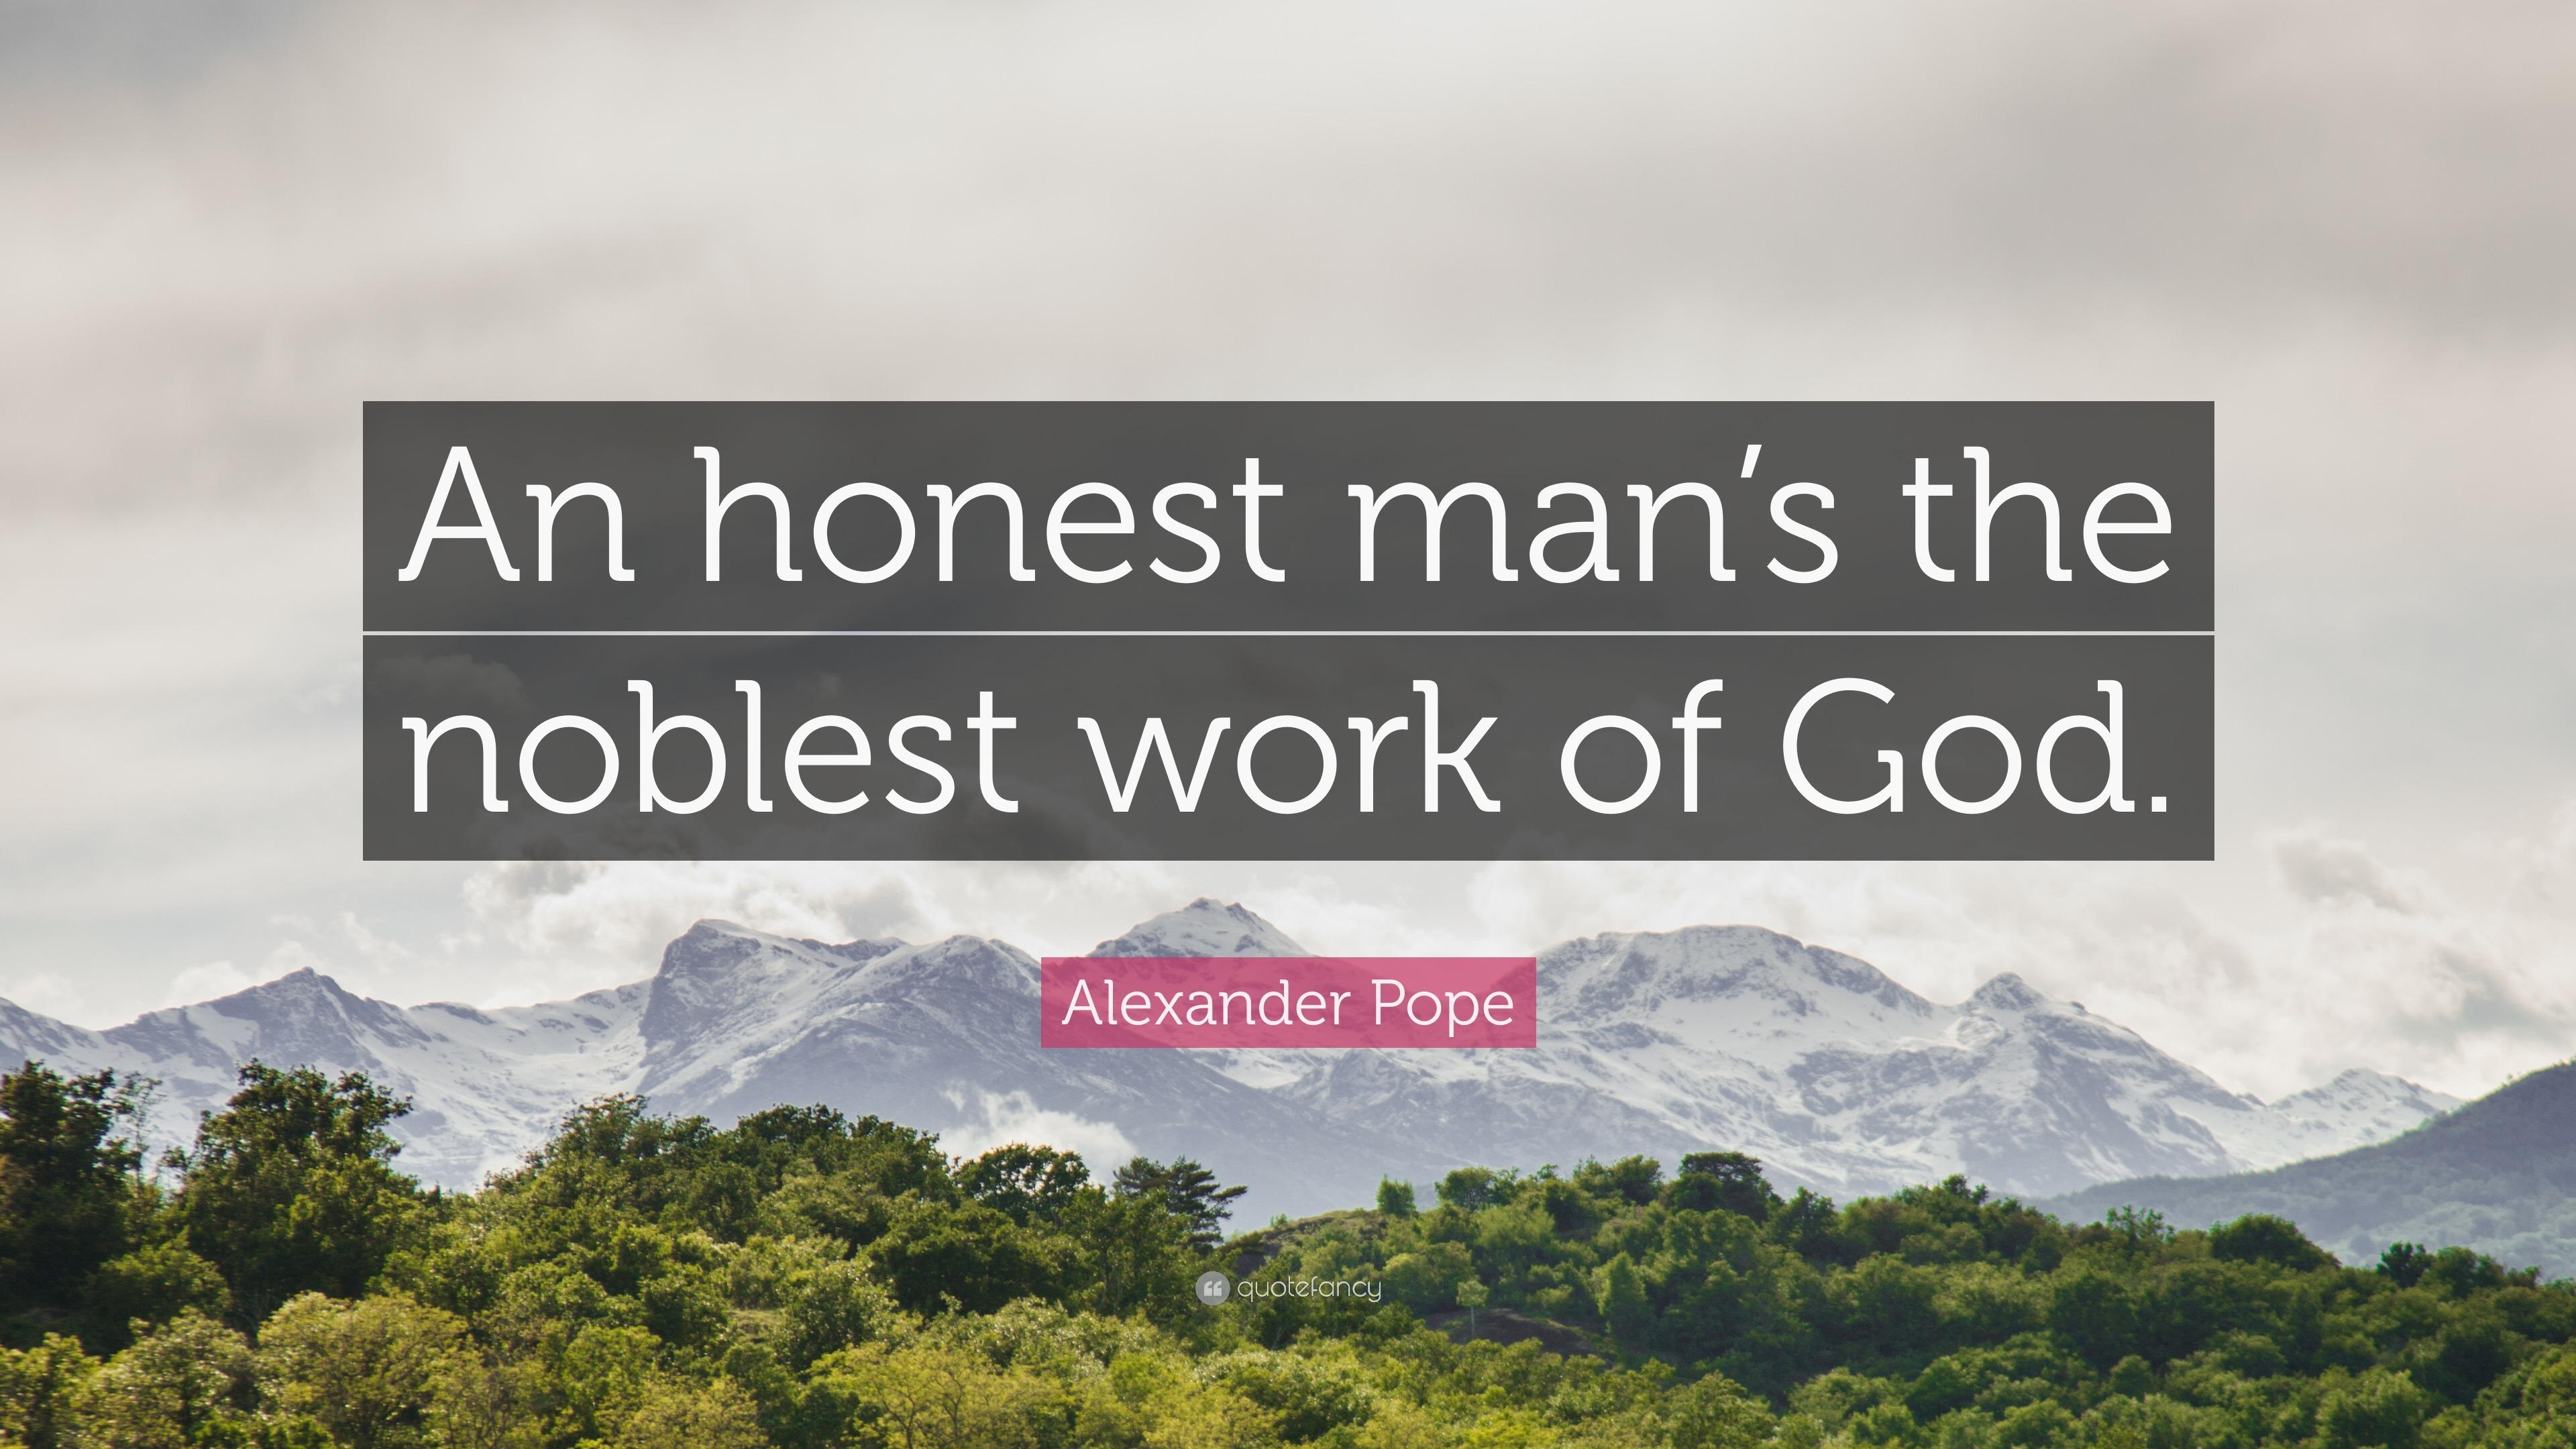 Alexander I and honesty 89